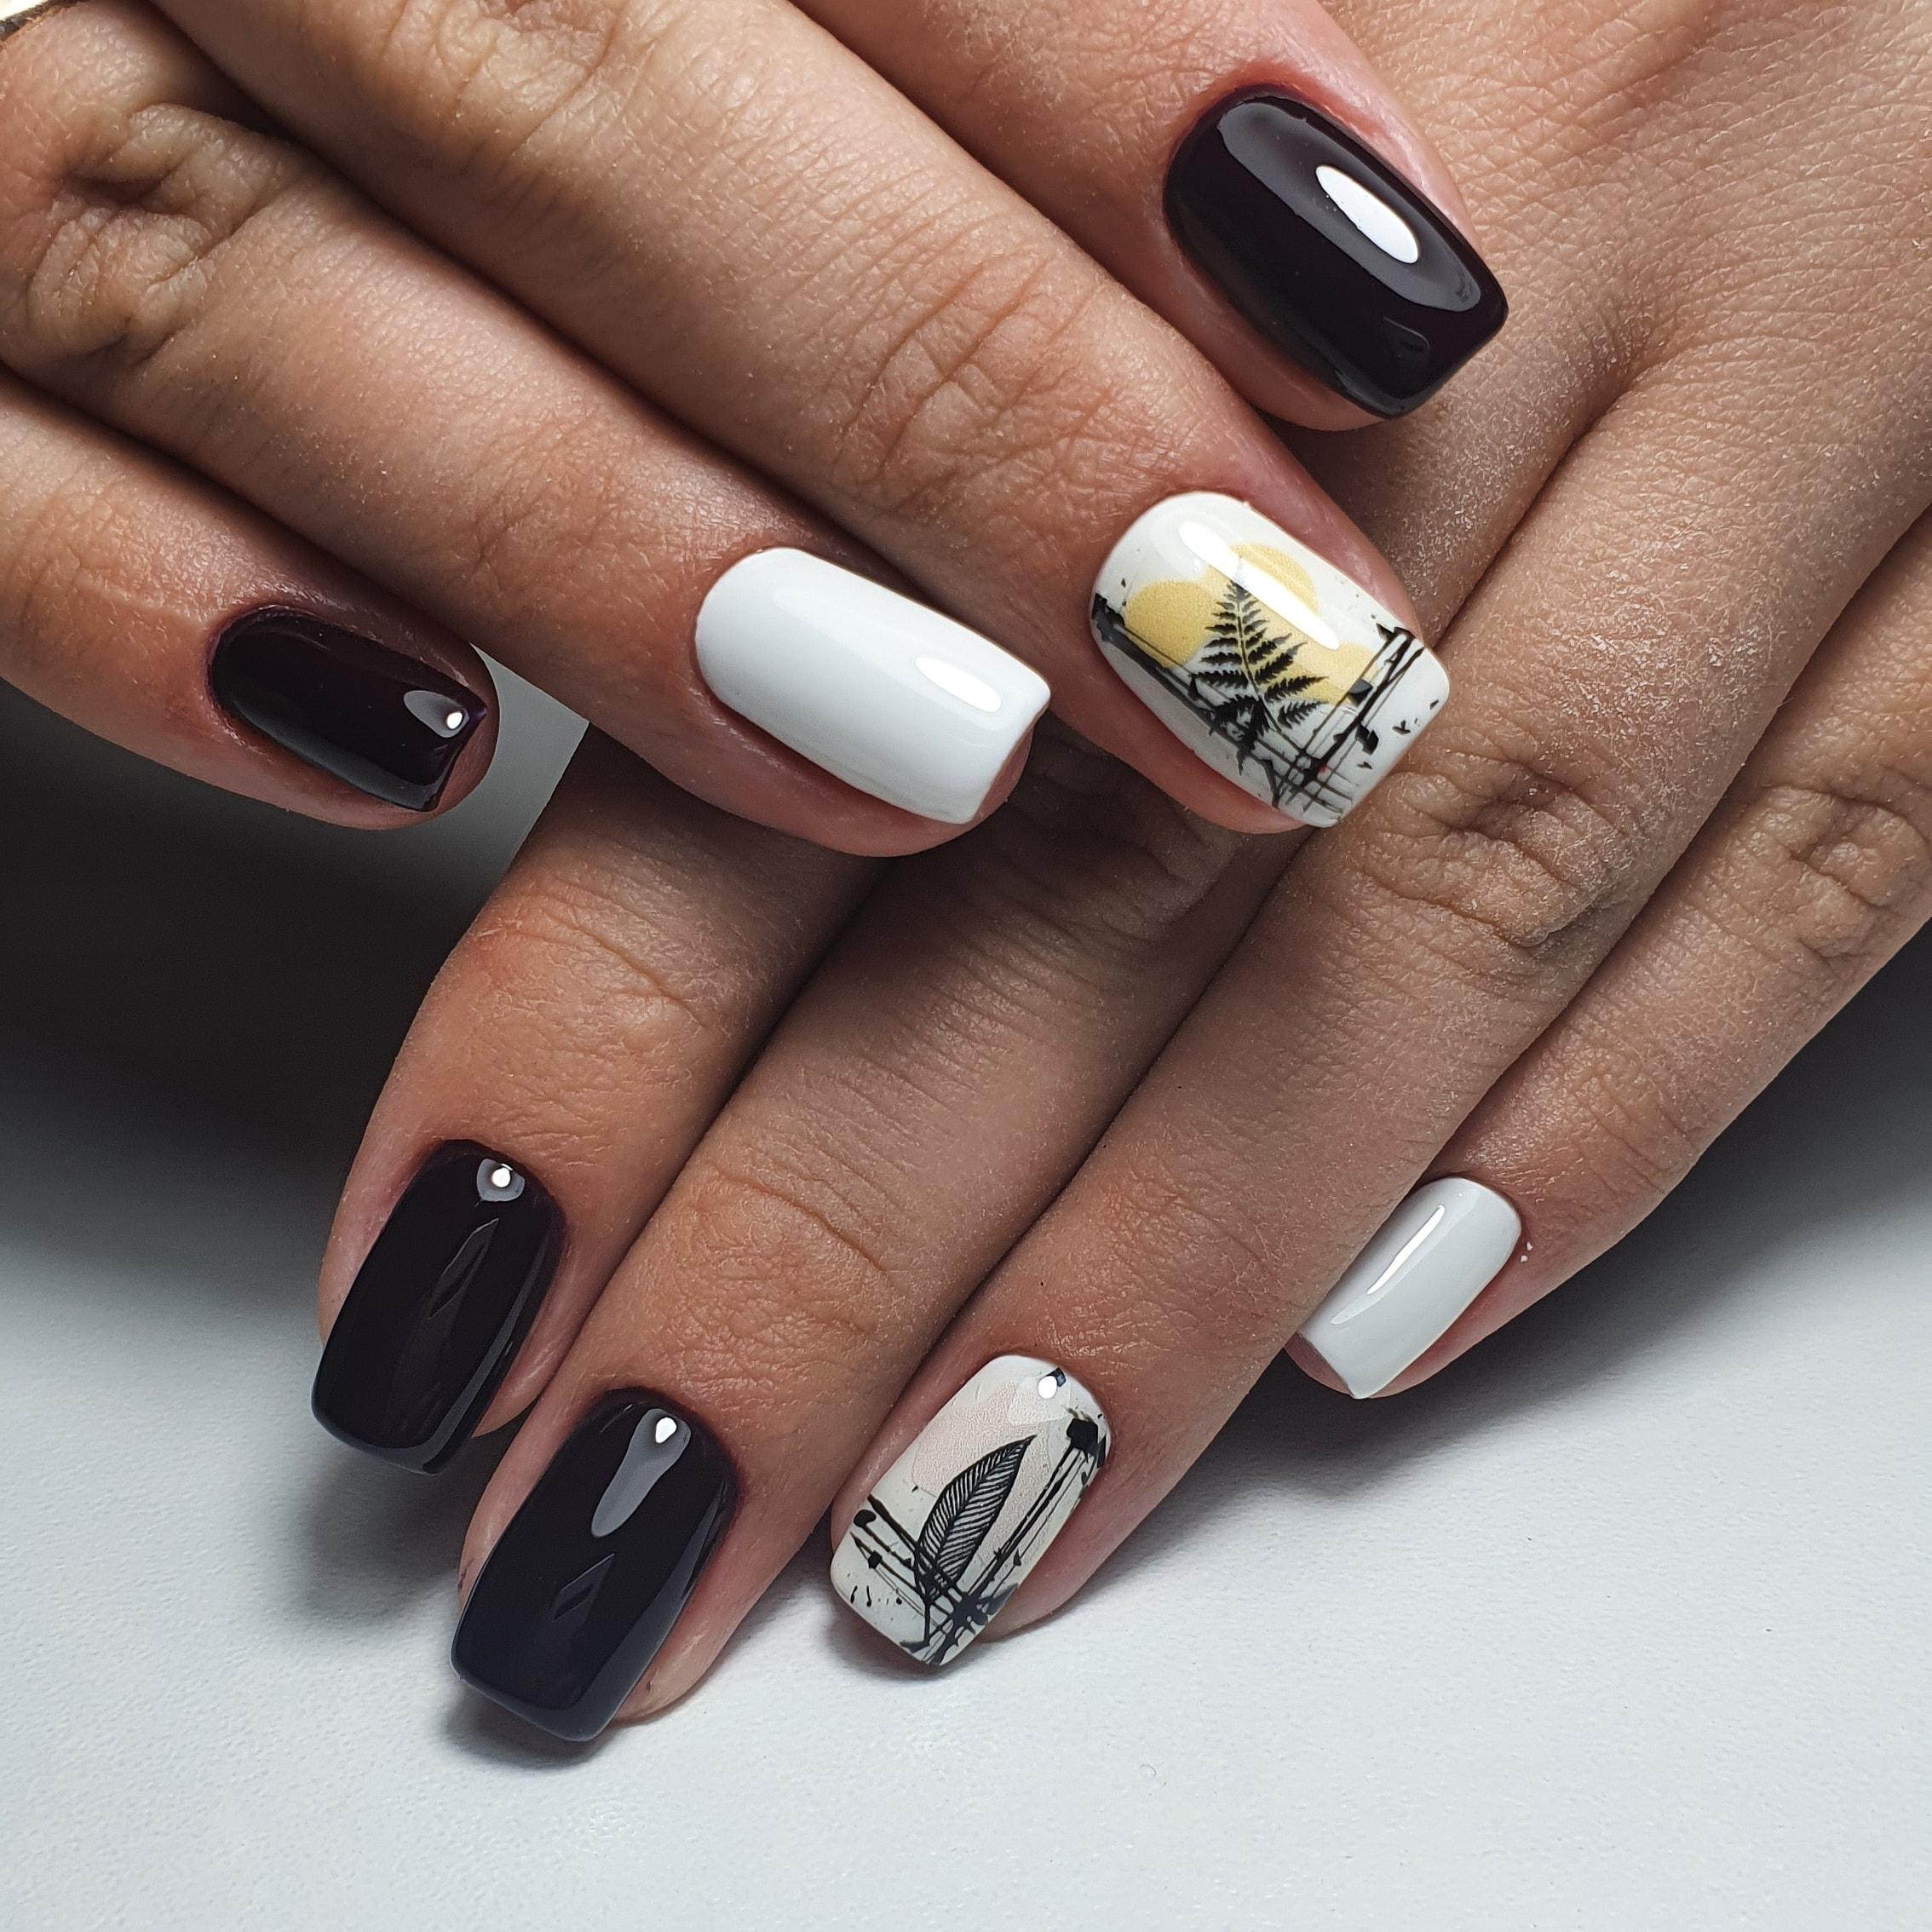 Маникюр с растительными слайдерами в черном цвете на короткие ногти.